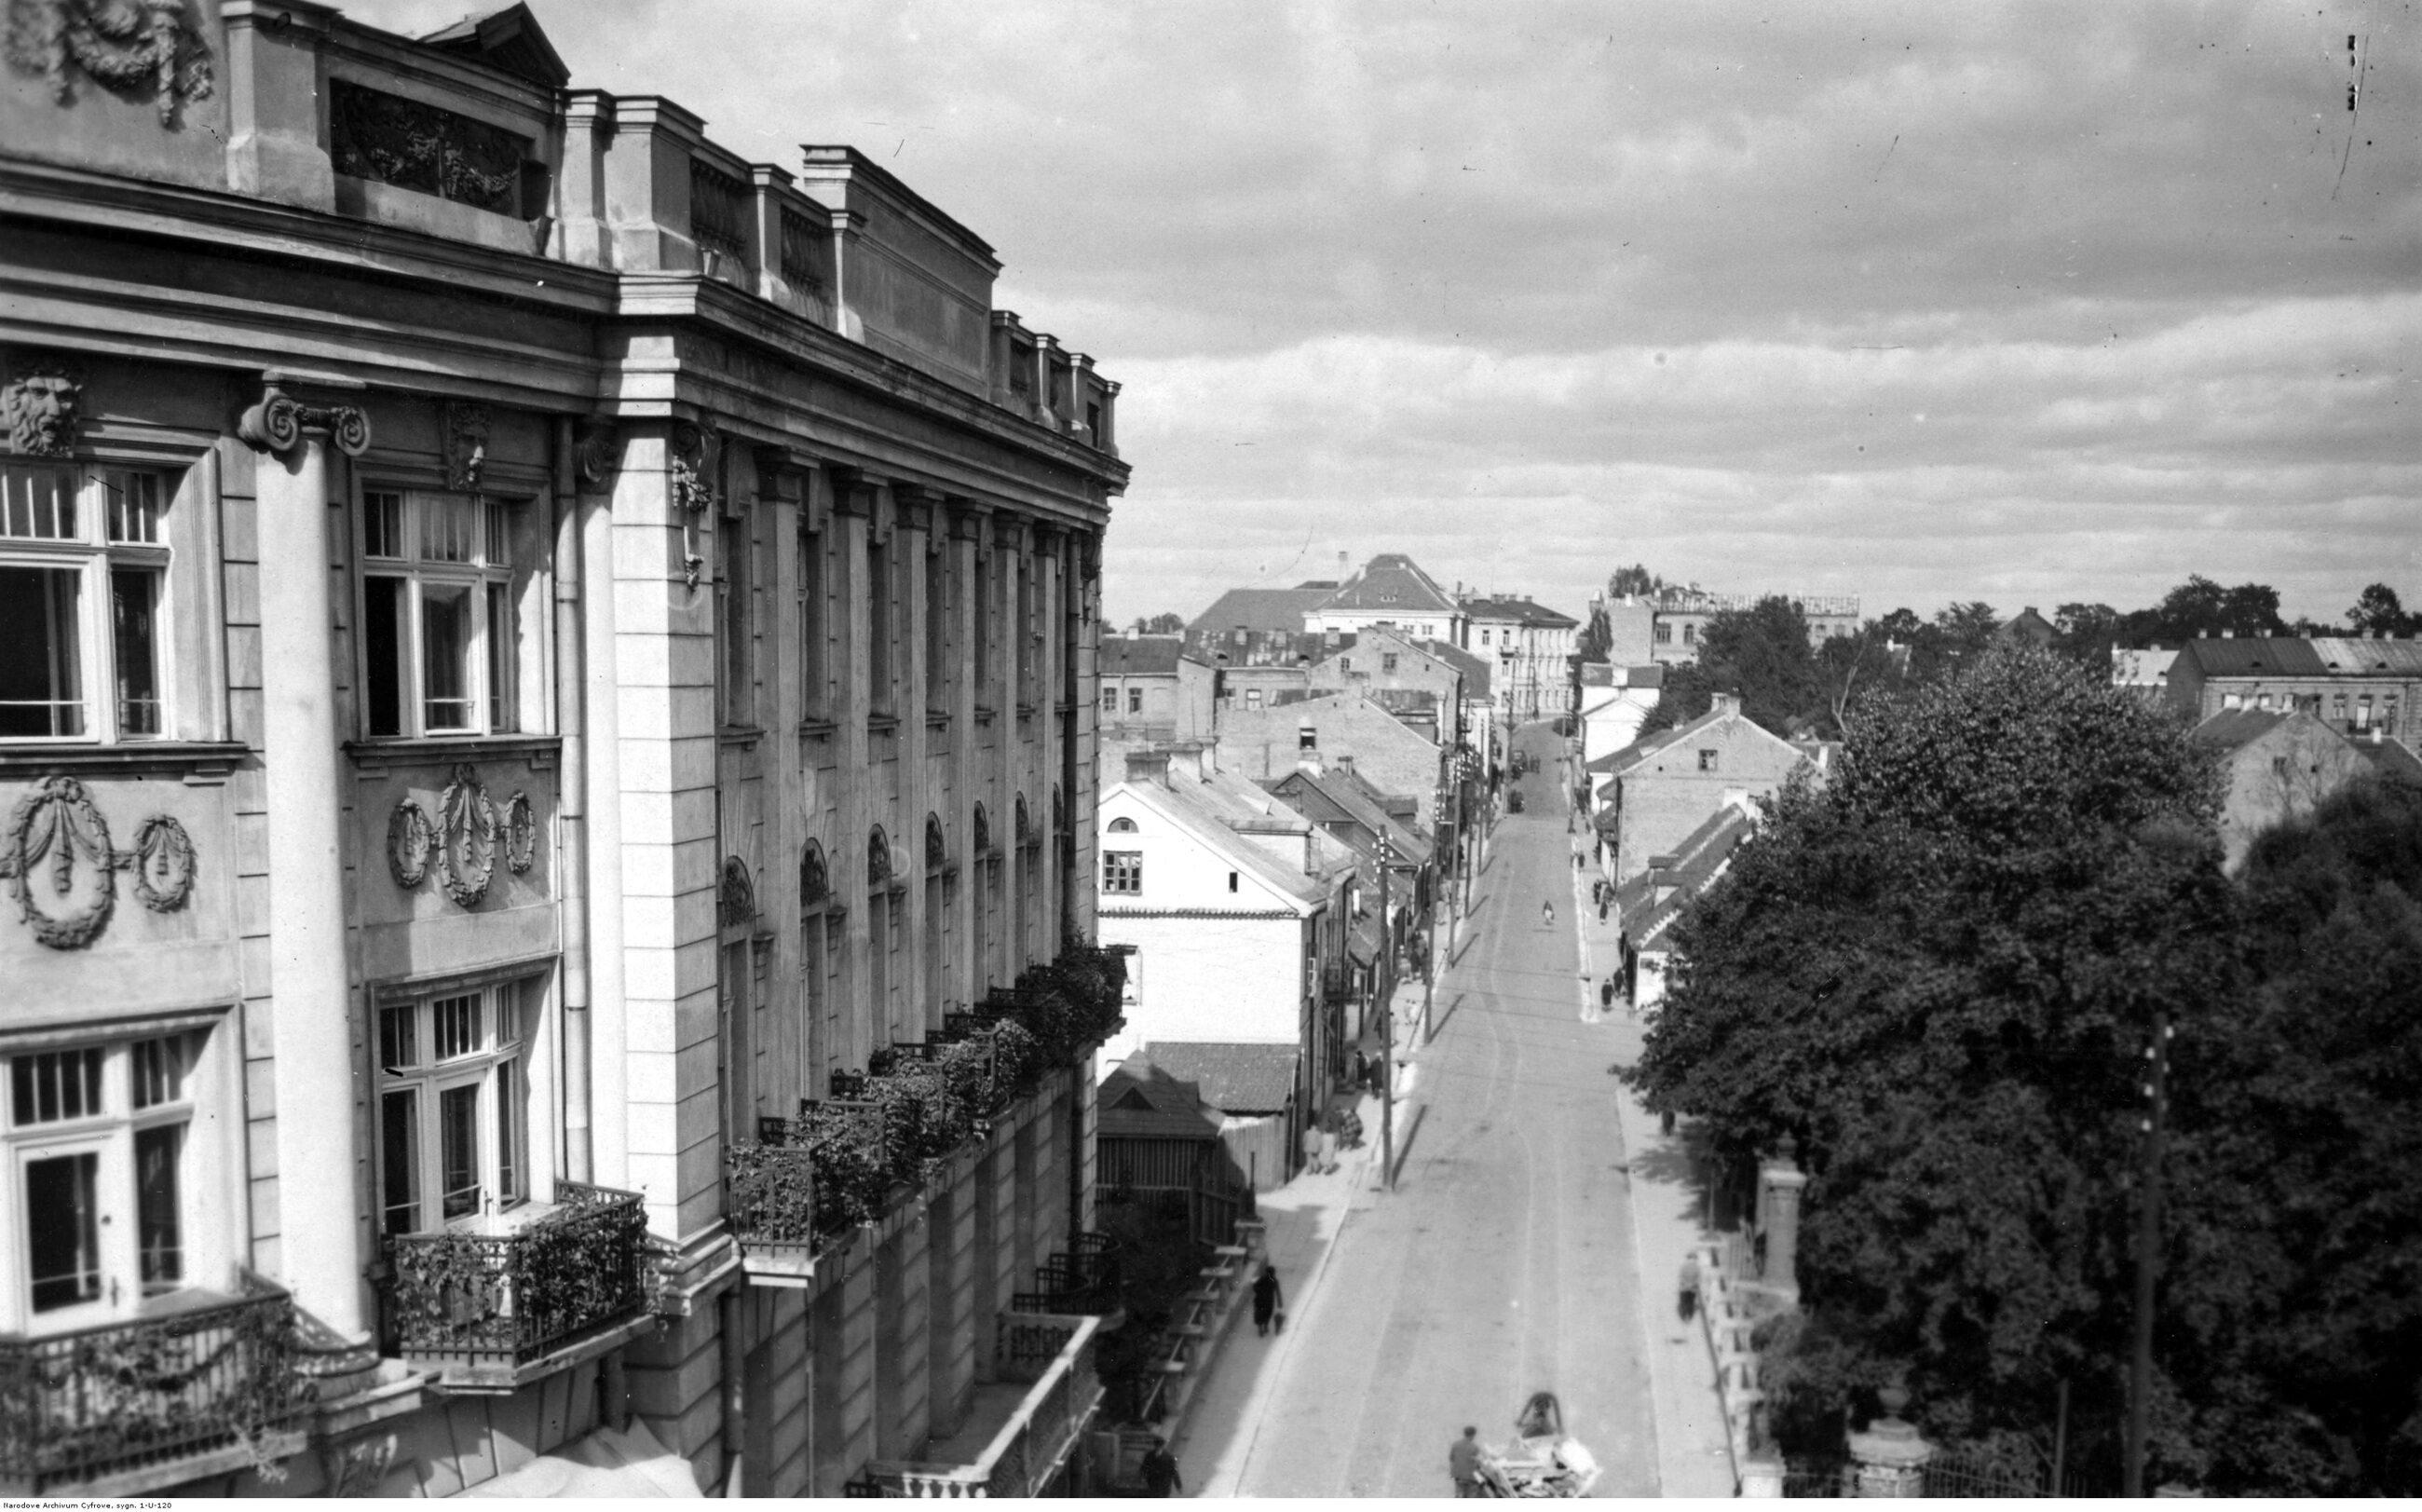 """Białystok Czternaste spośród """"wielkich miast"""" II RP do dziś powiększyło się trzykrotnie. Przed wojną Białystok był stolicą woj. białostockiego, które było regionem granicznym - miało granicę z Litwą i z Niemcami. Liczba ludności w 1939 r.: 107 tys., obecnie: 297 tys. Na zdjęciu: ulica Żwirki i Wigury w latach 30."""